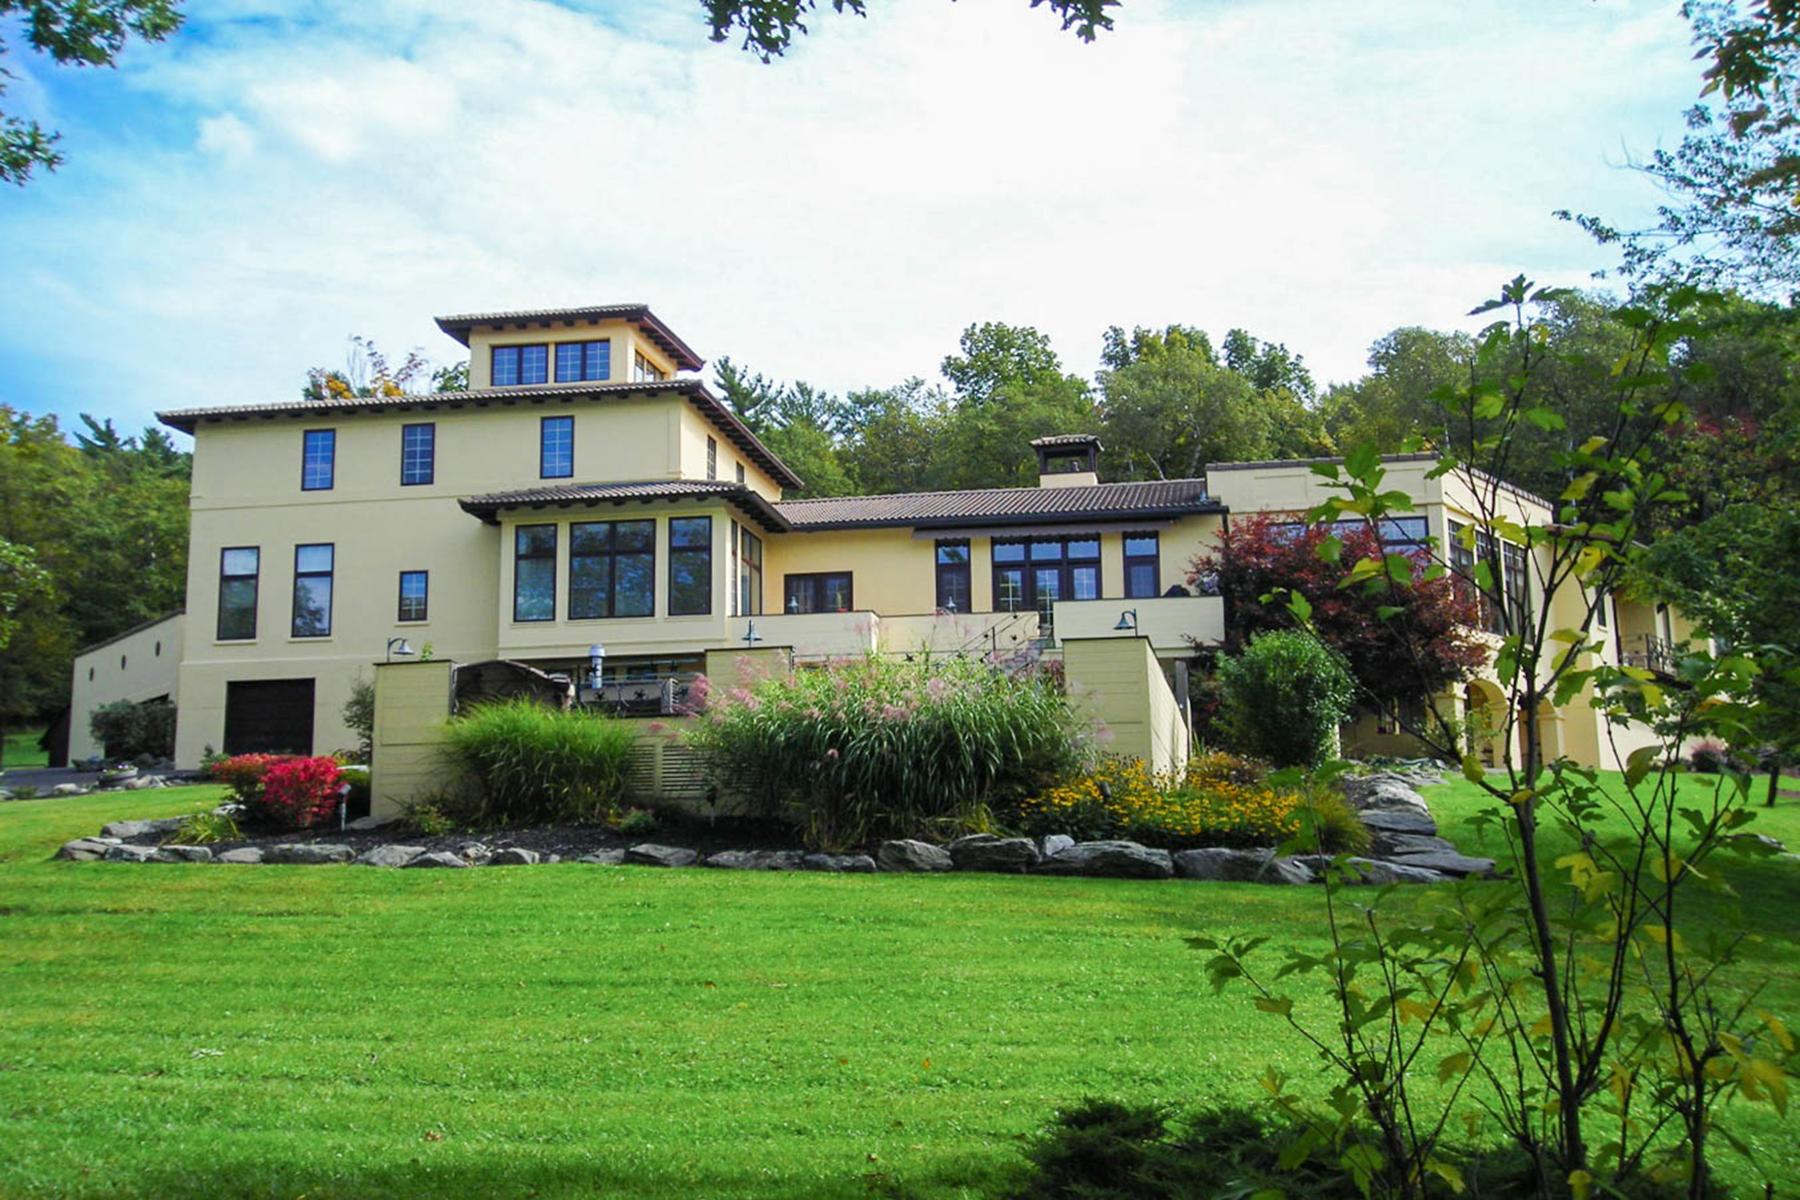 Casa Unifamiliar por un Venta en Mediterranean Villa 70 Coons Rd Troy, Nueva York 12180 Estados Unidos